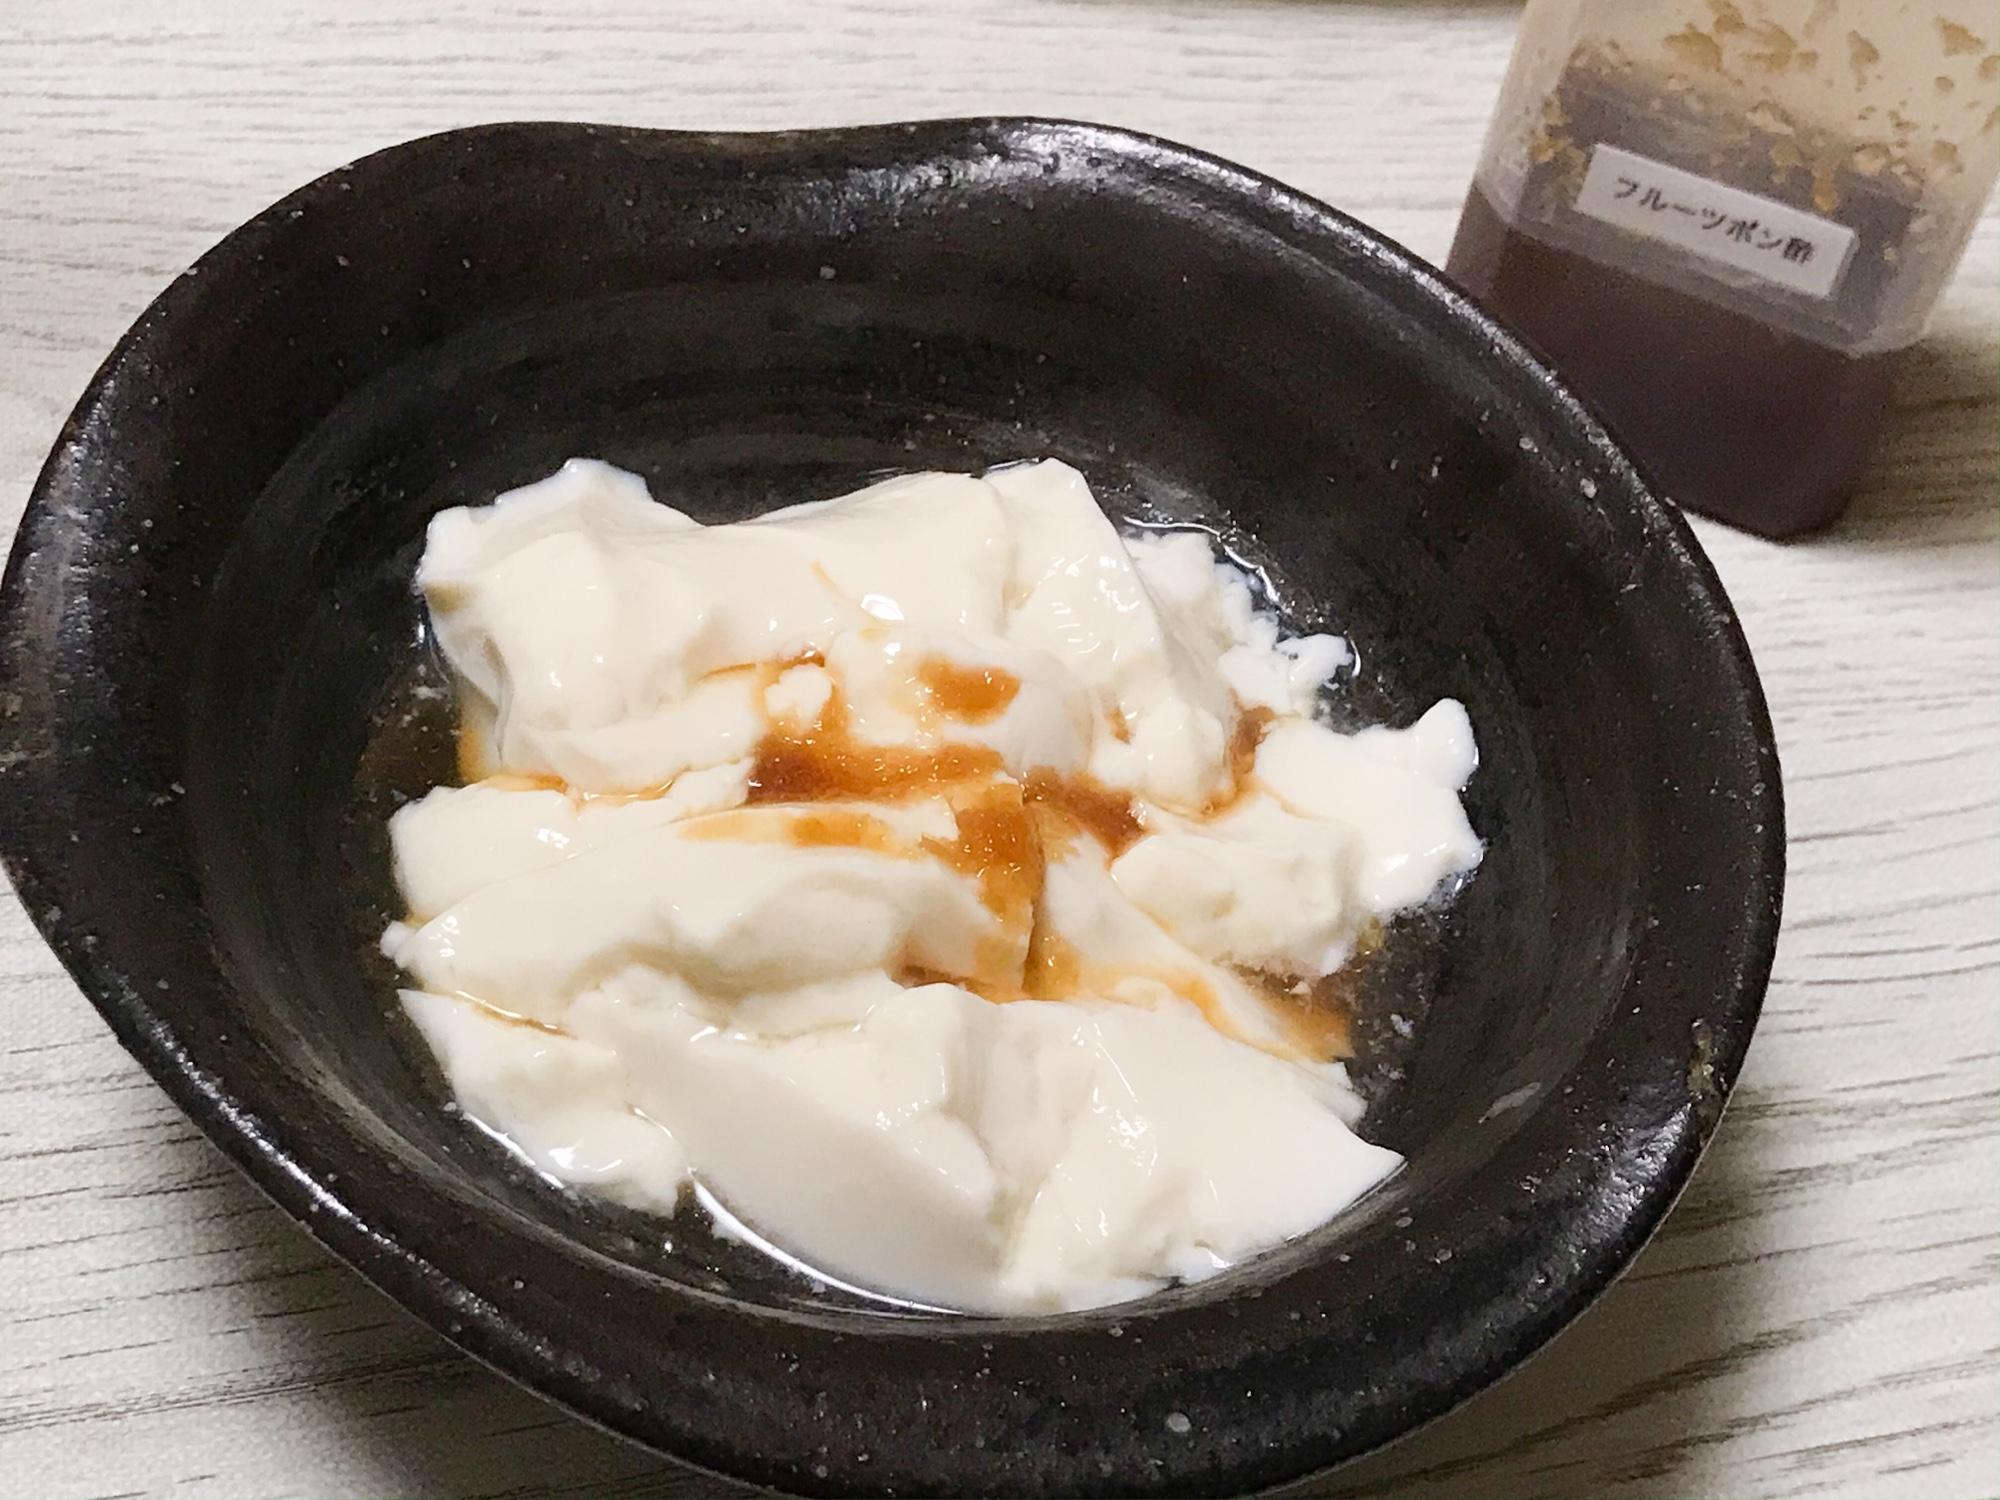 温泉湯豆腐の作り方 豚組しゃぶ庵のフルーツポン酢